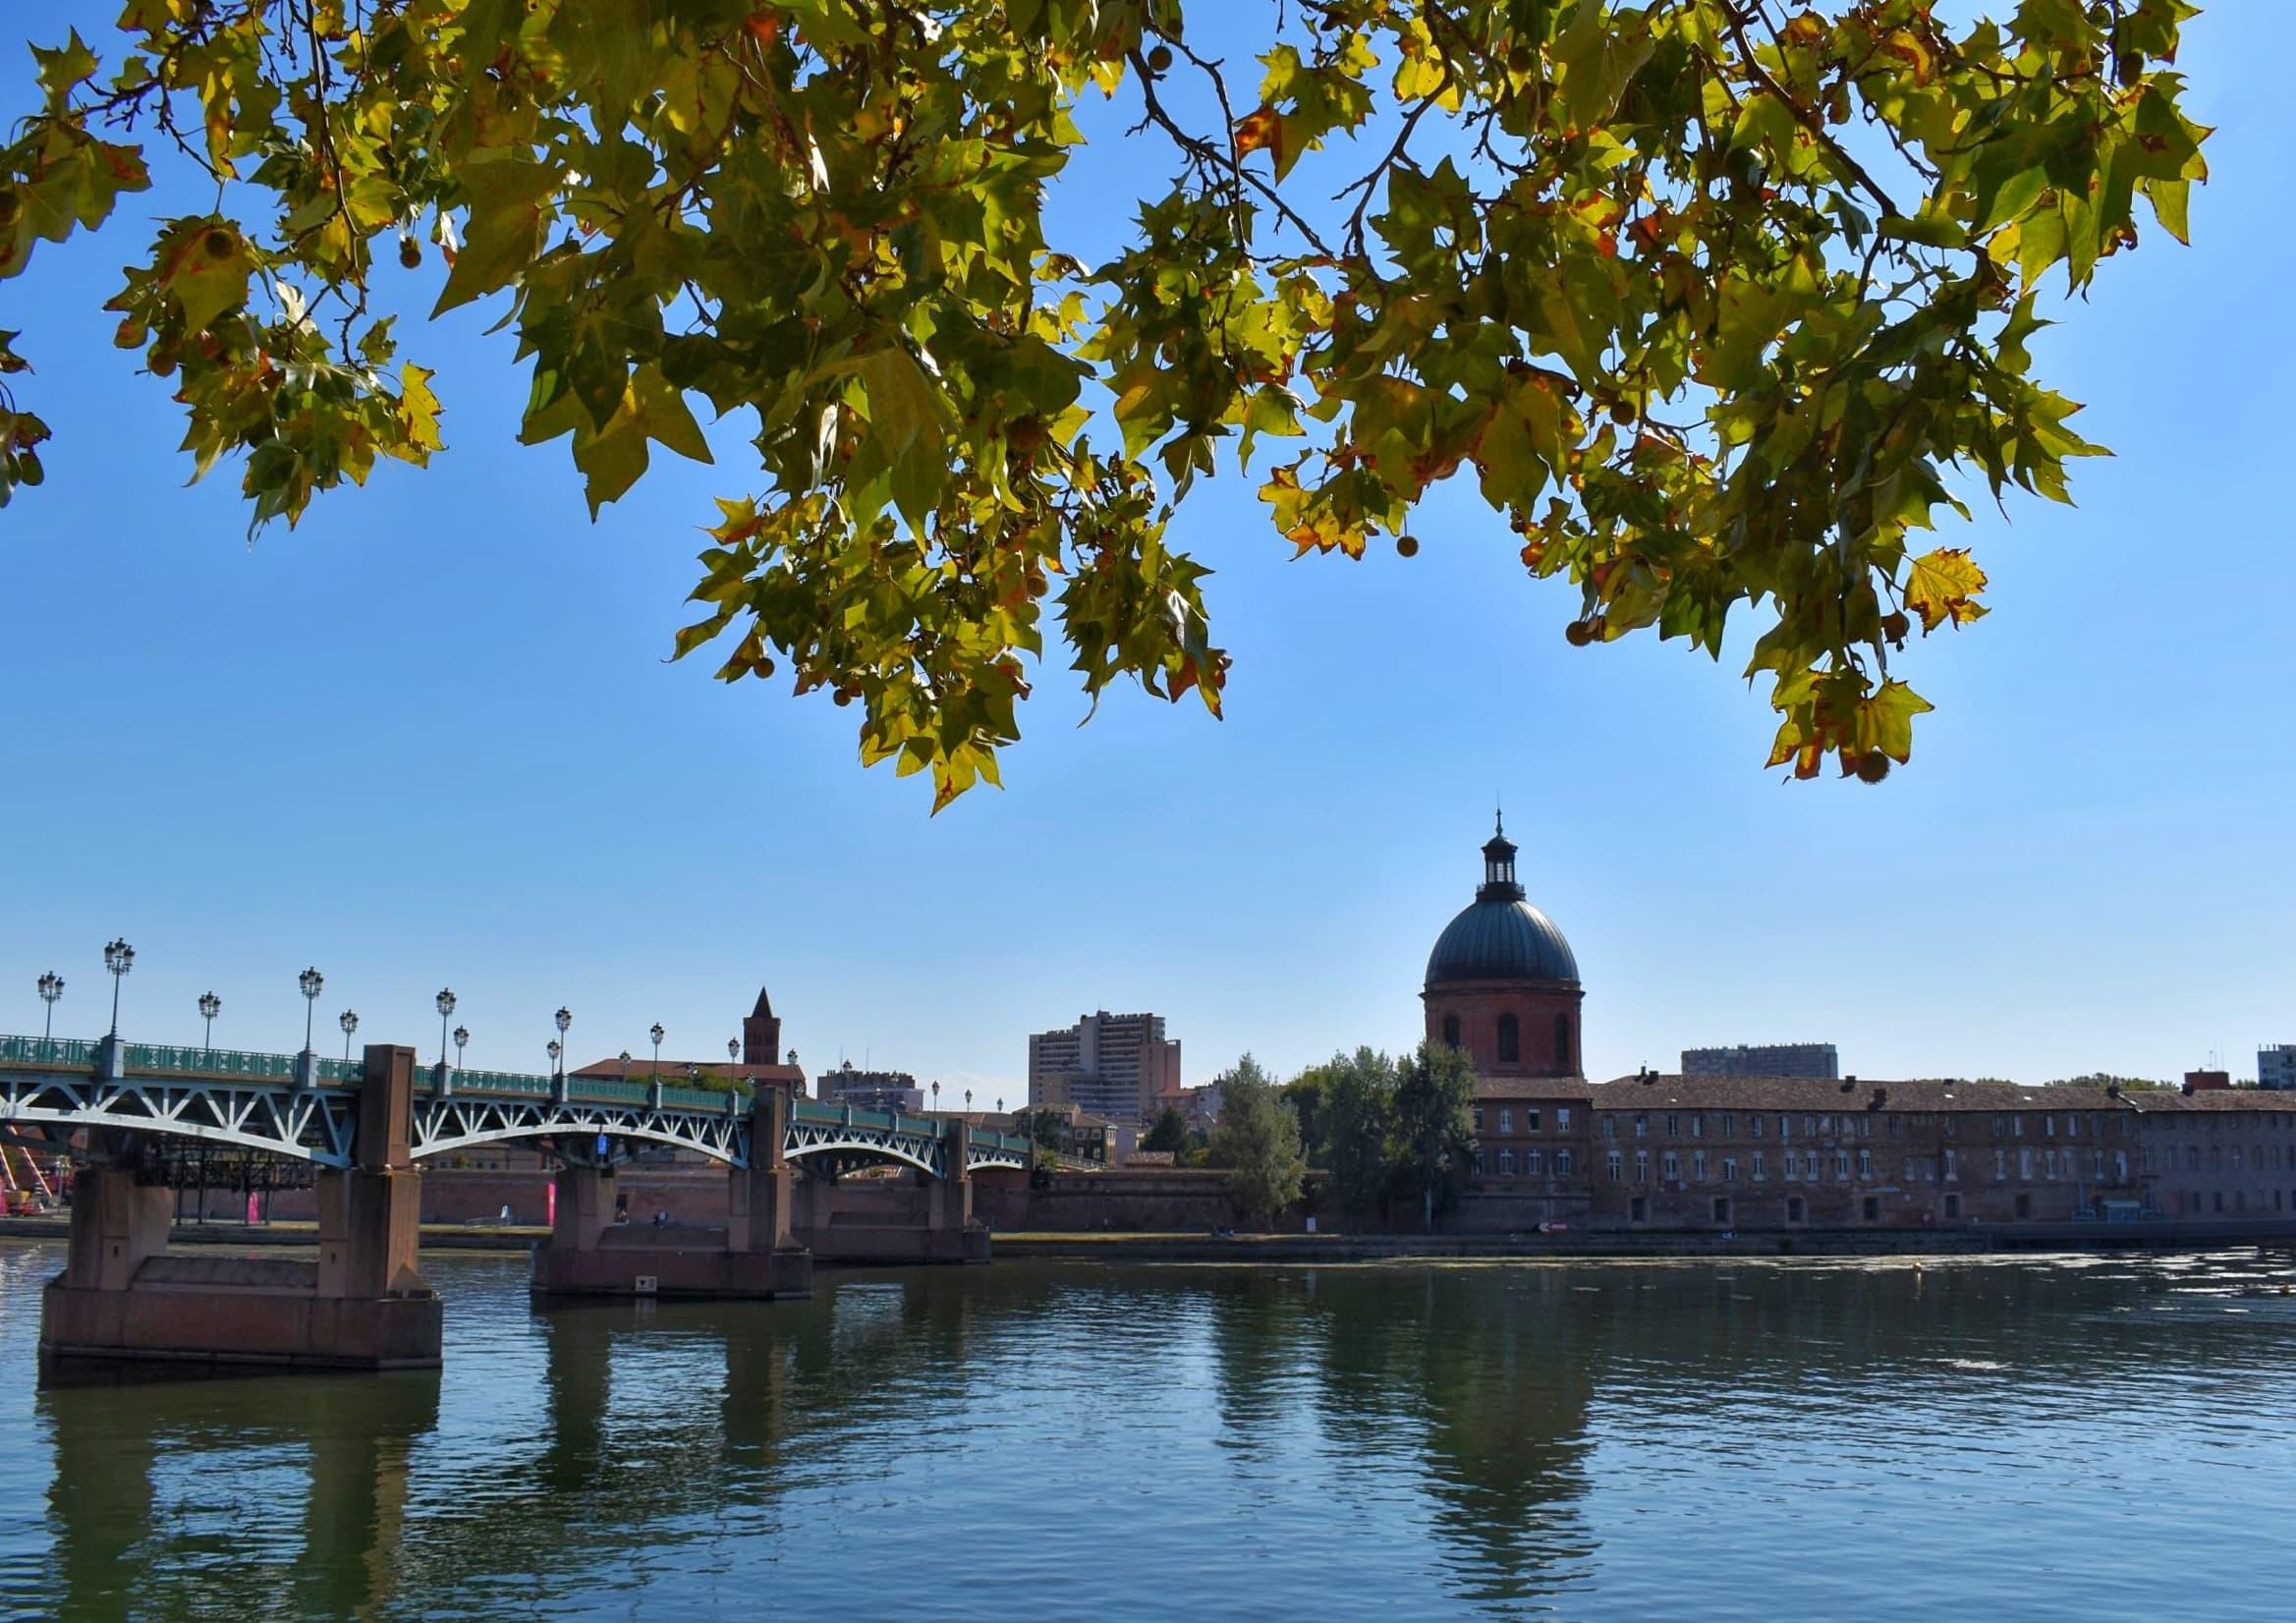 Une journée pour découvrir la ville rose : Bienvenue à Toulouse !